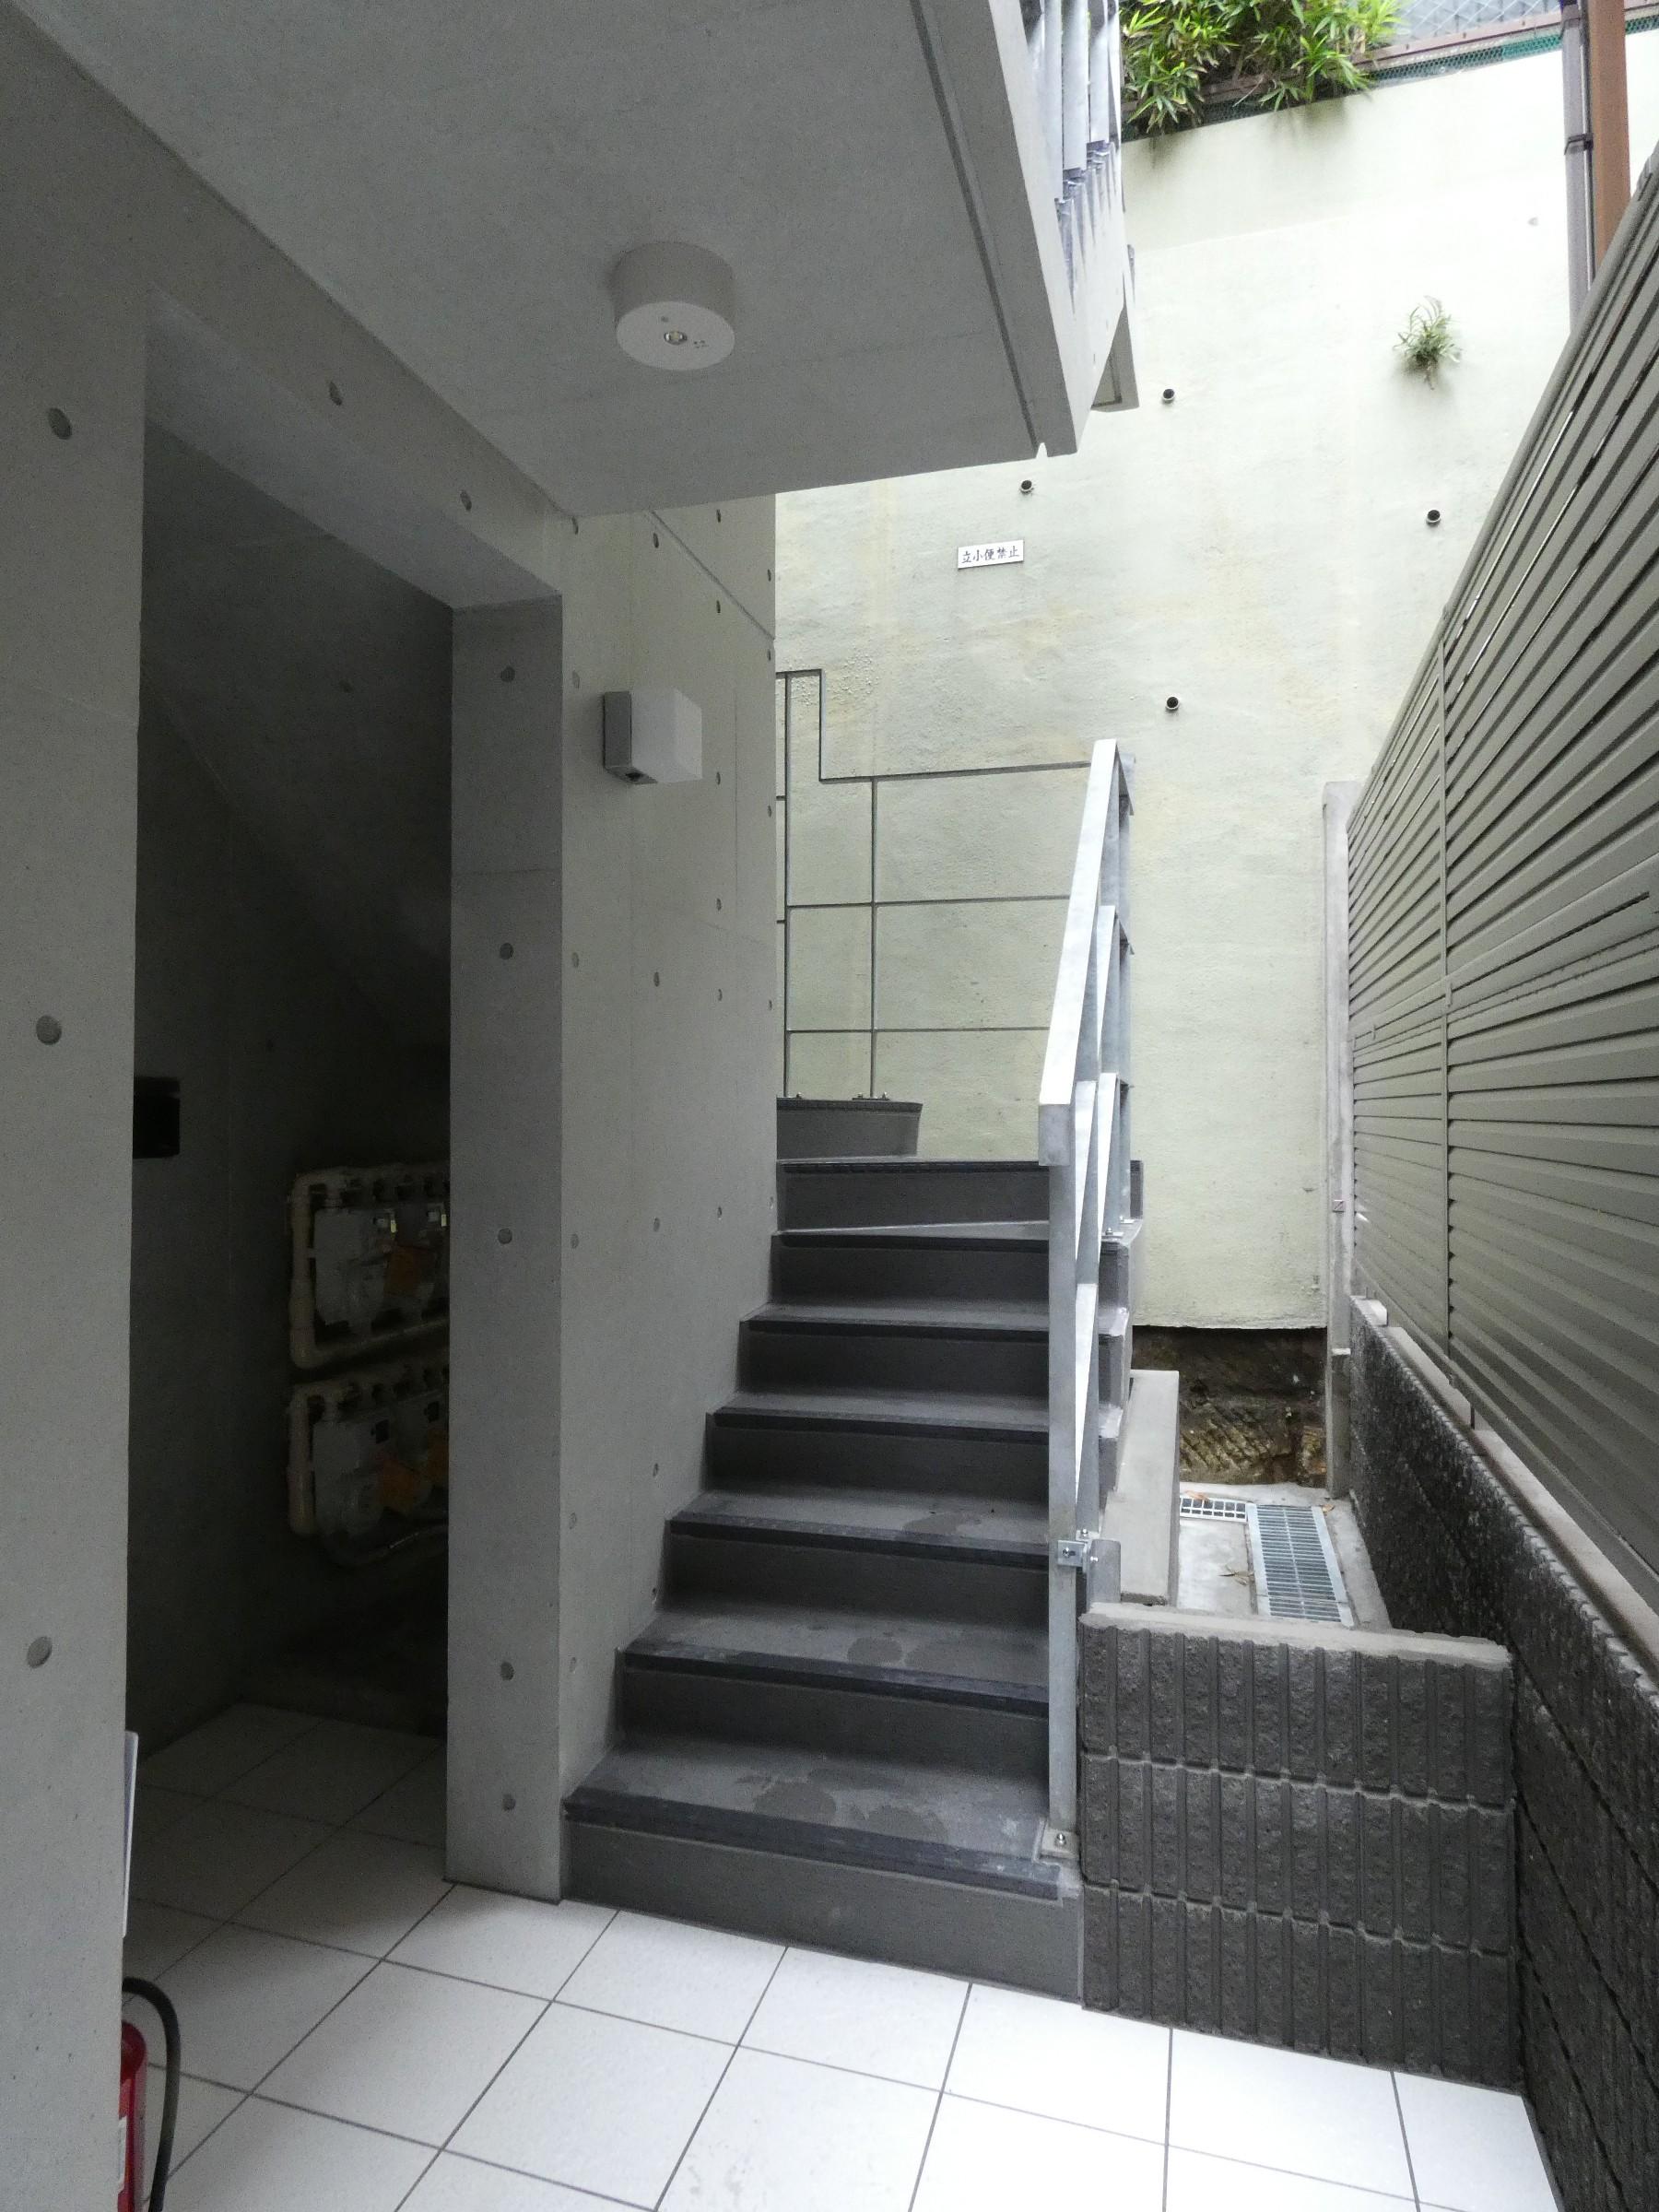 プラチナレジデンス白金台の建物写真その他11